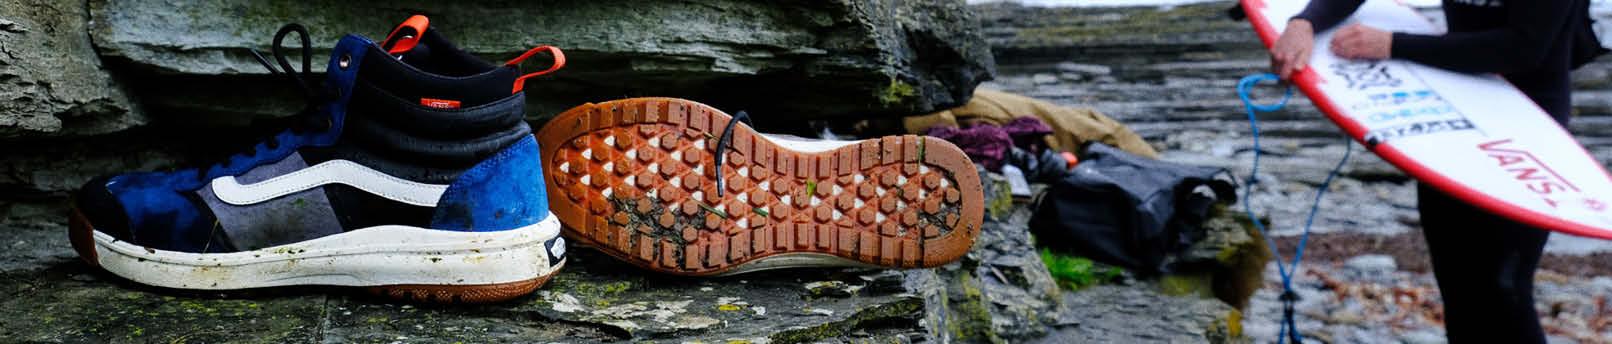 Stringate eleganti da uomo Taglia 43 | La collezione su Zalando